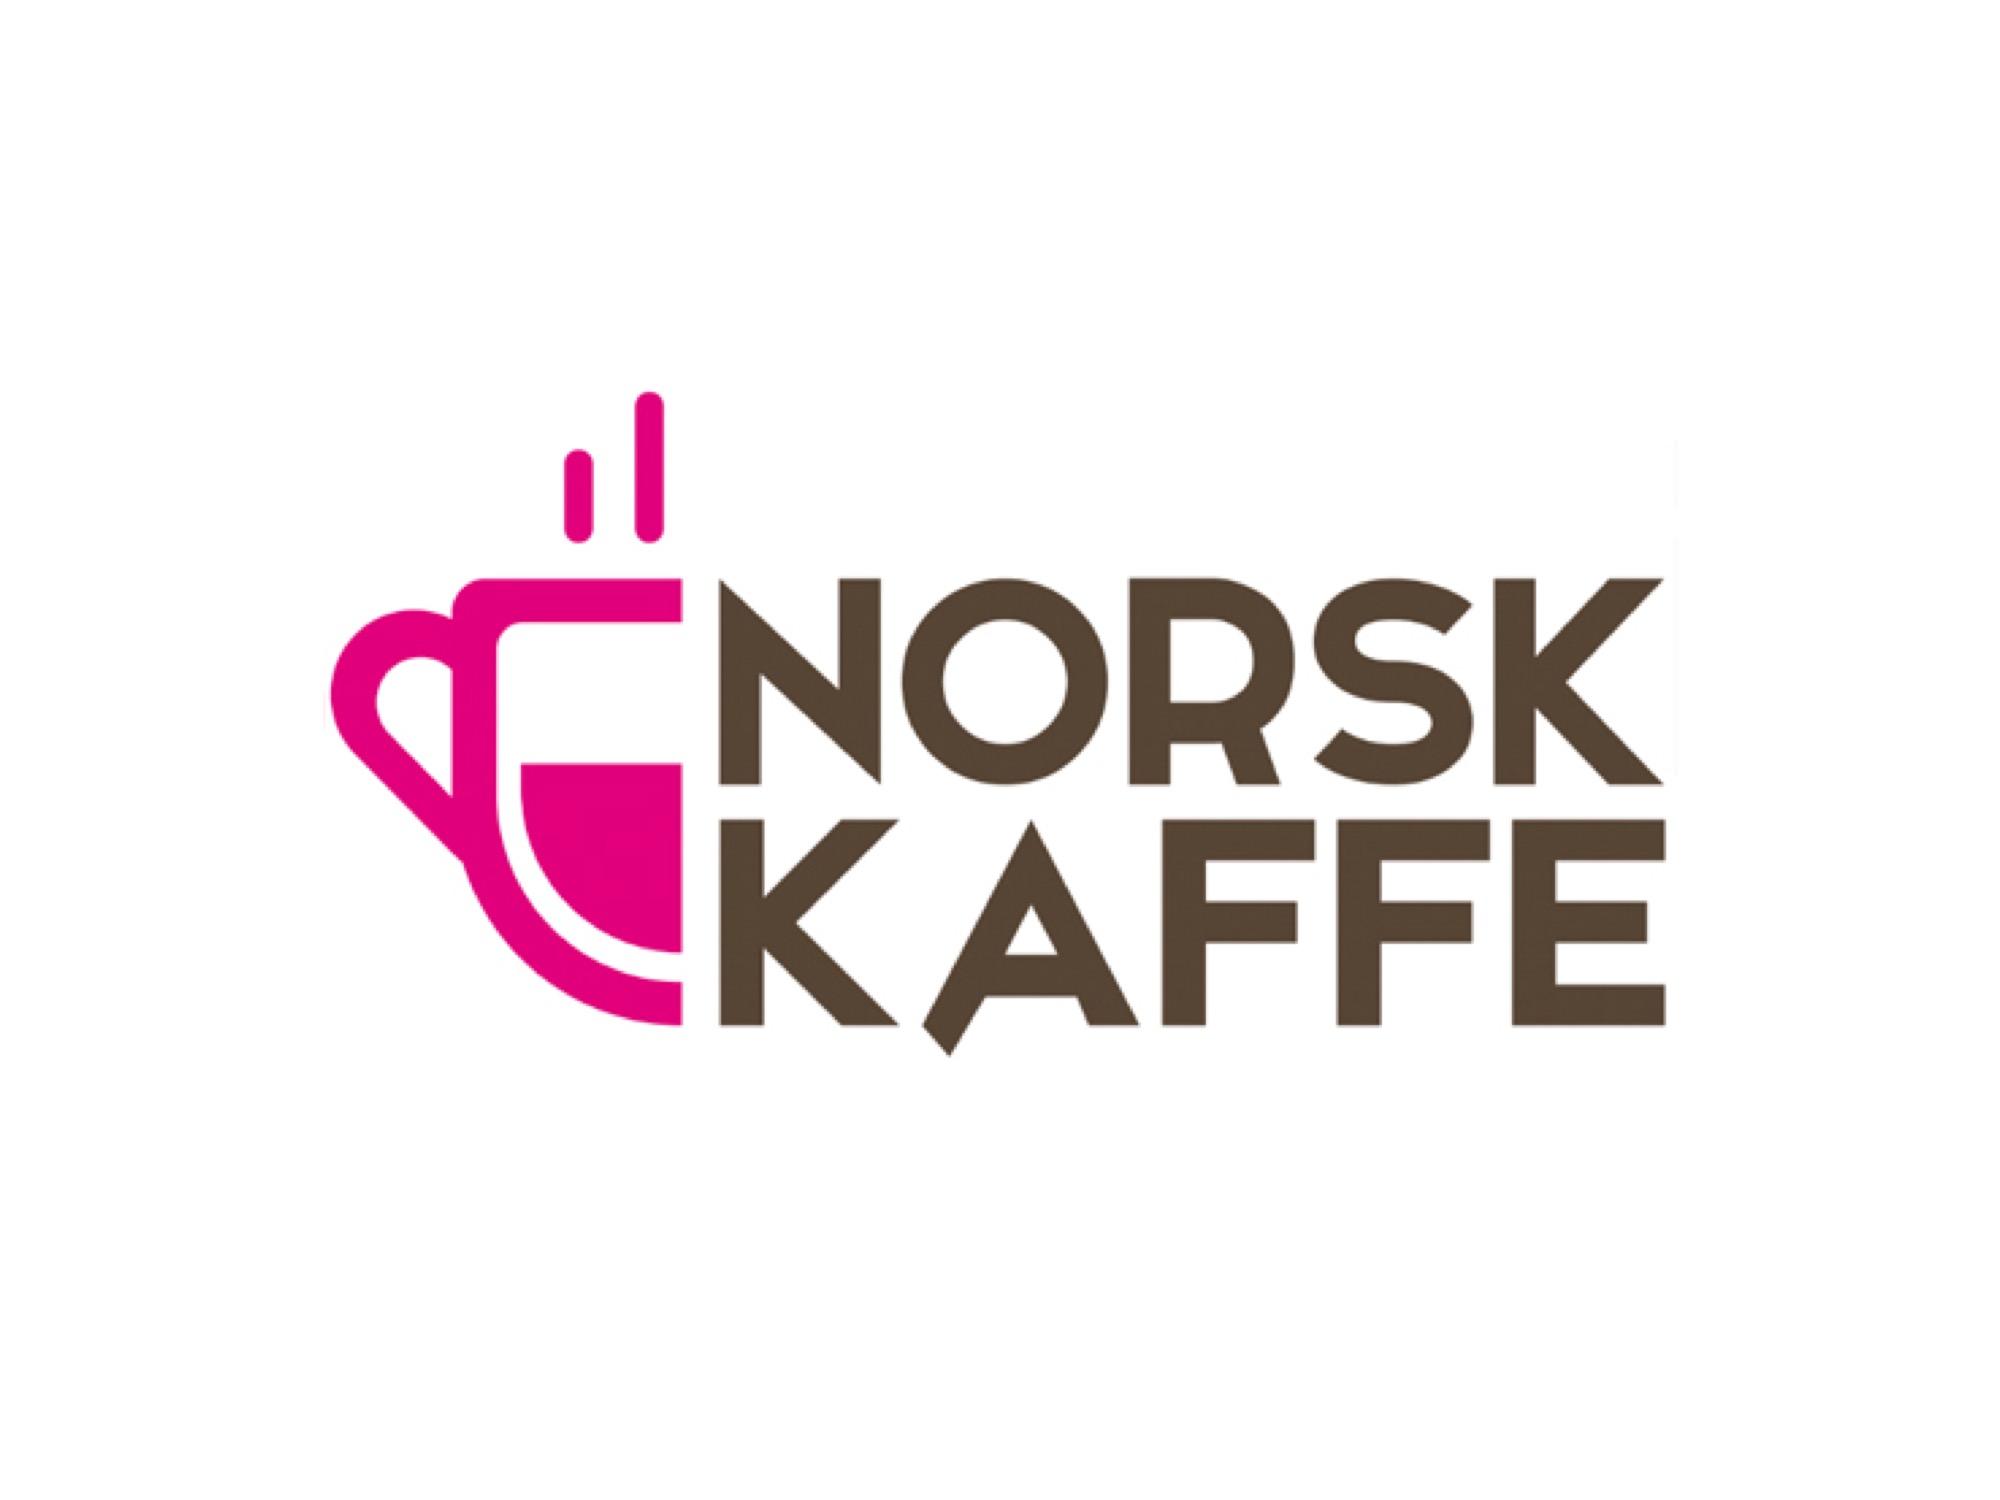 norskkaffe.jpg